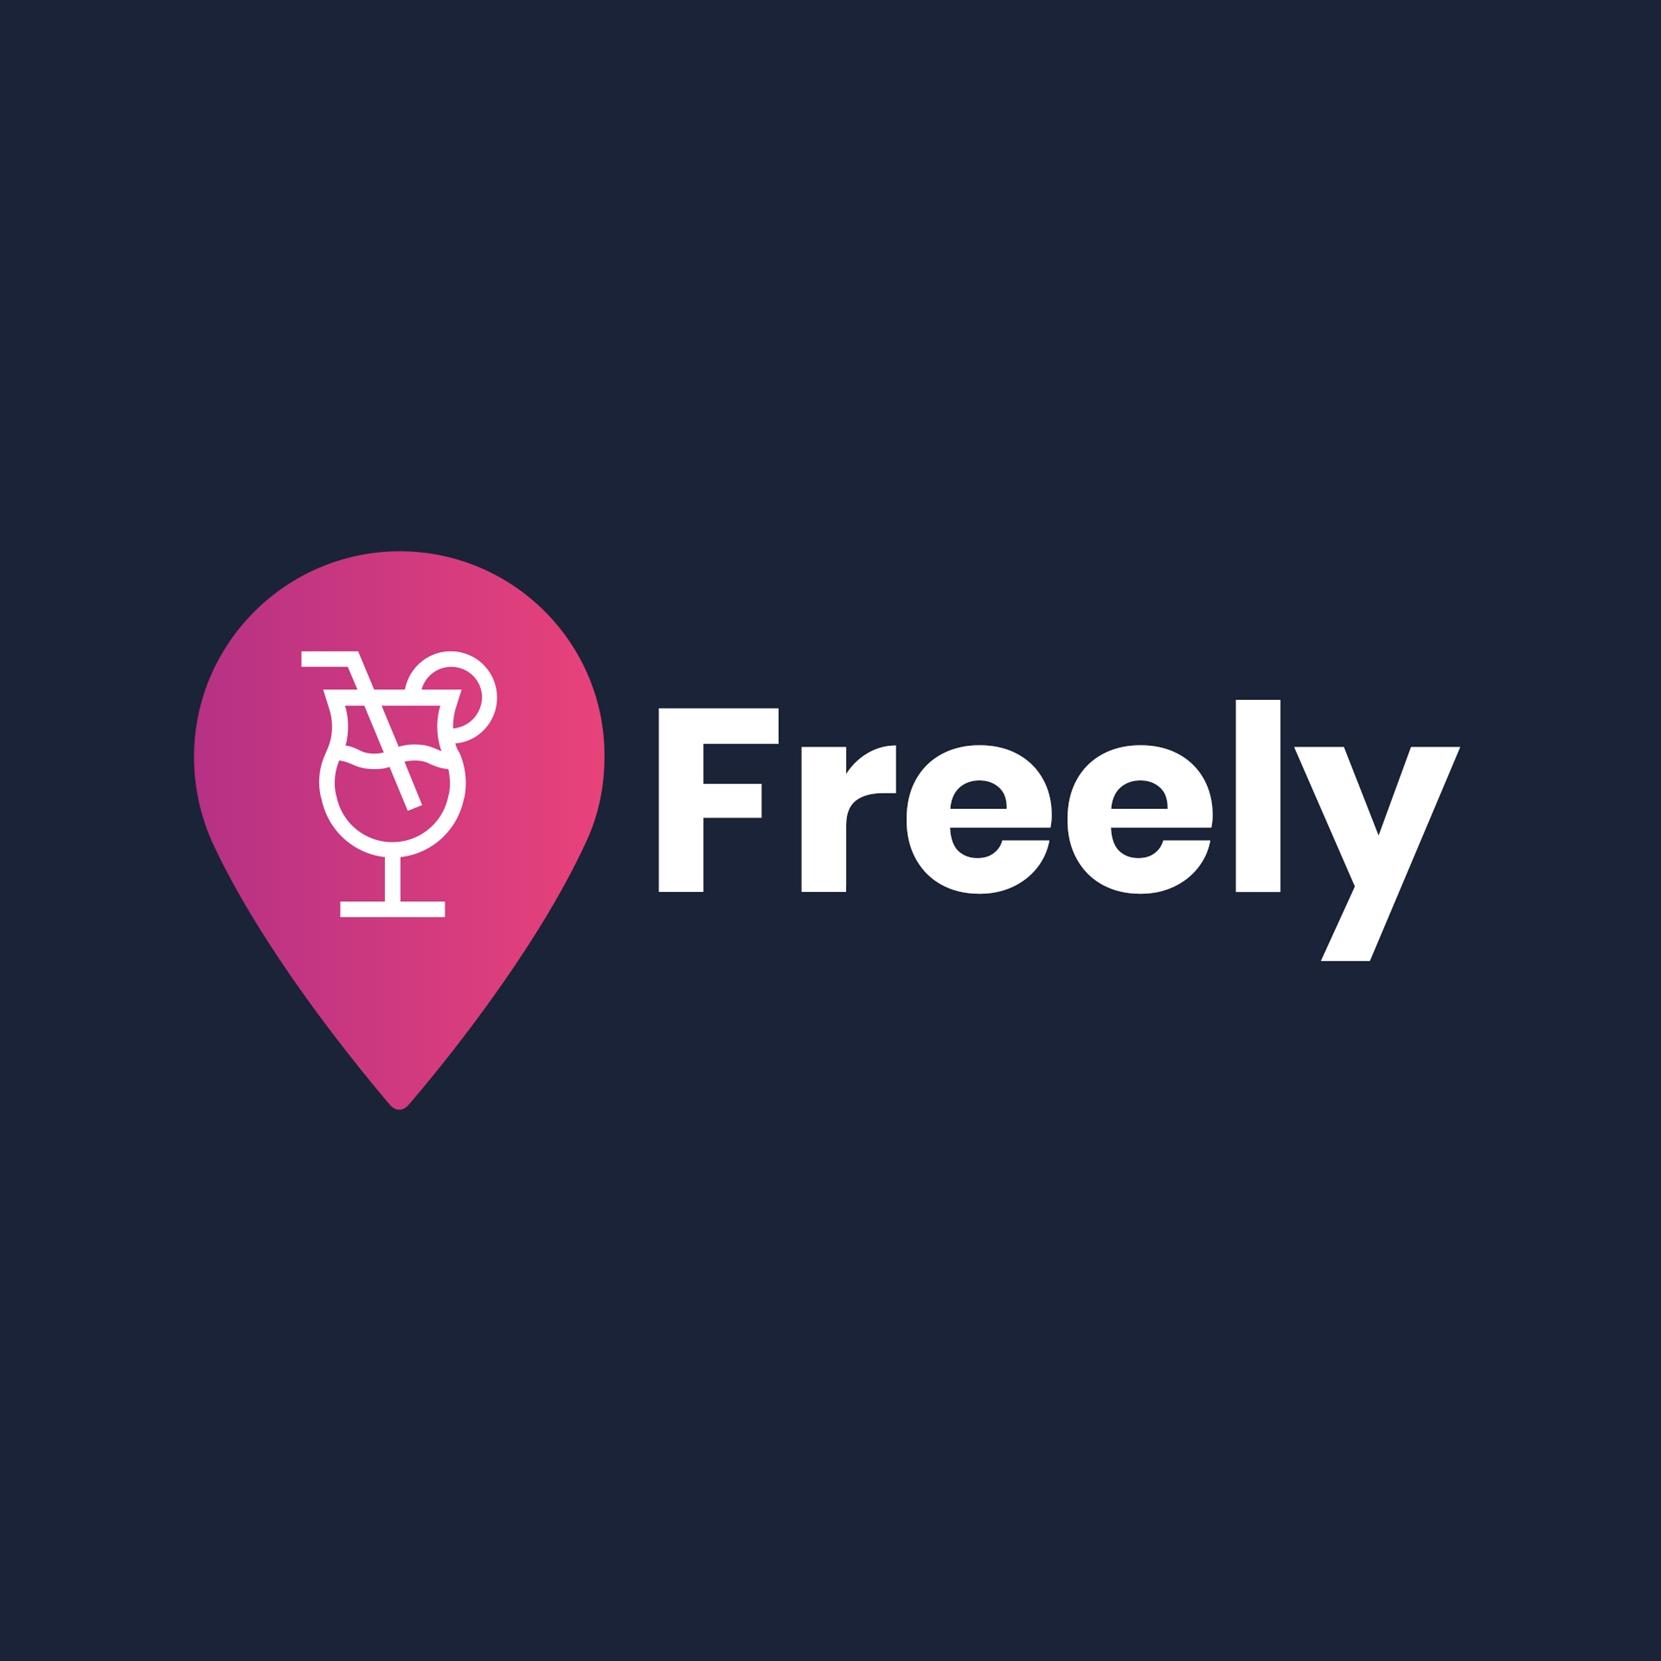 Aplikace Freely nabídne 30 drinků v Praze za 169 Kč měsíčně